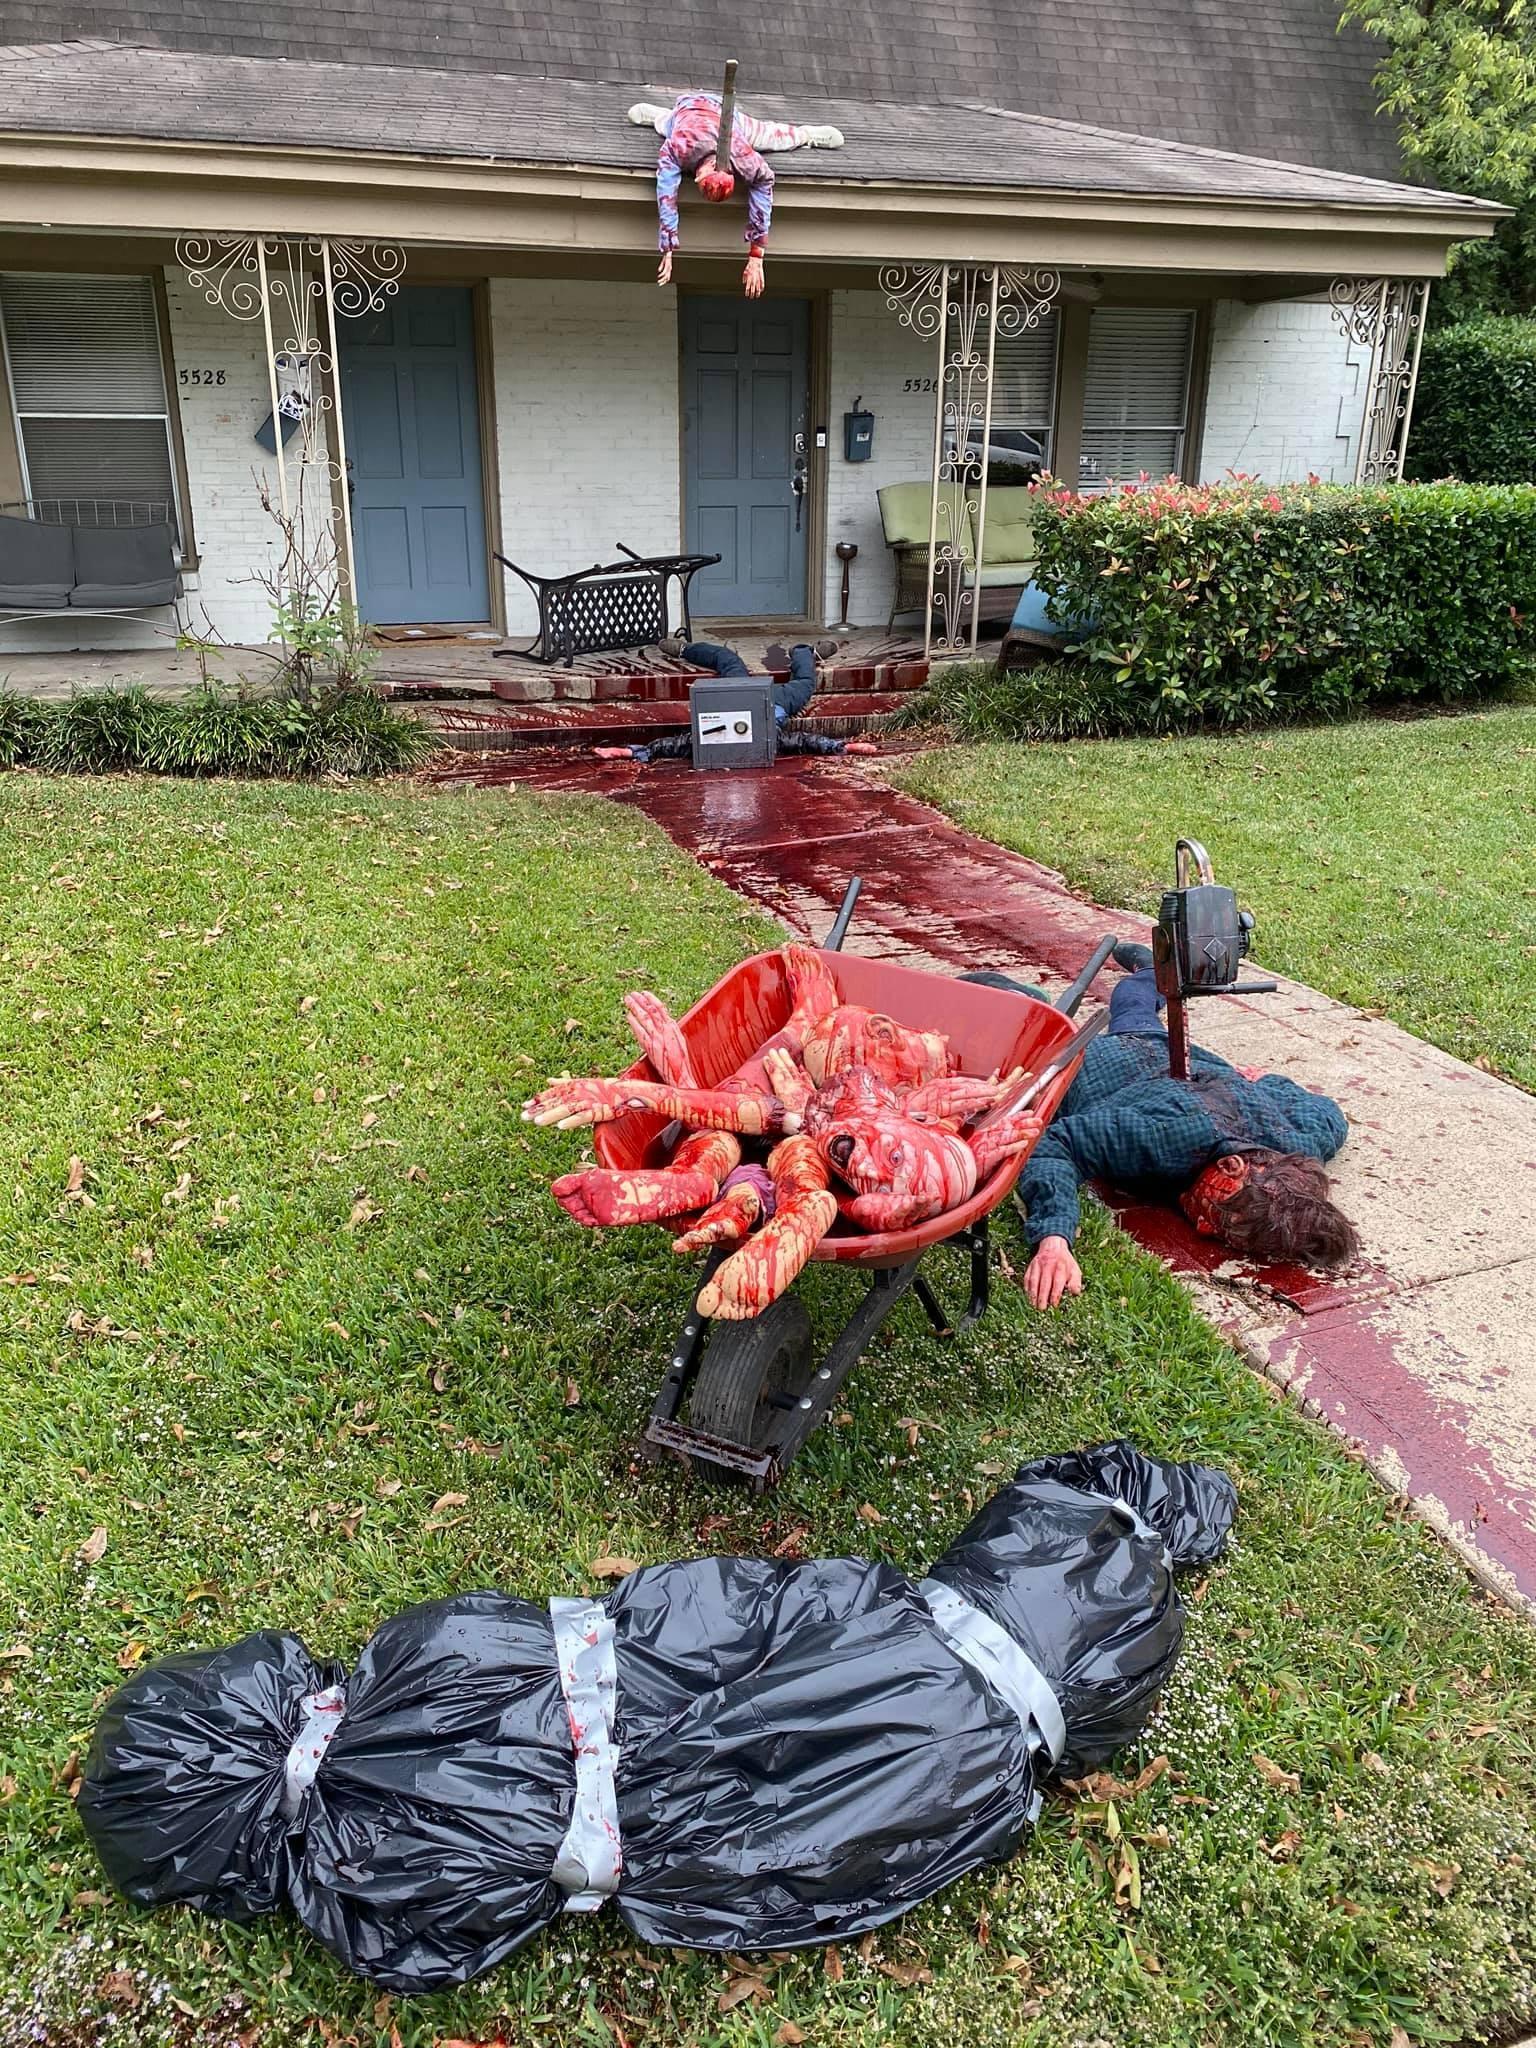 Decoração realista de Halloween faz vizinhos chamarem a polícia  (Foto: Reprodução/Facebook)